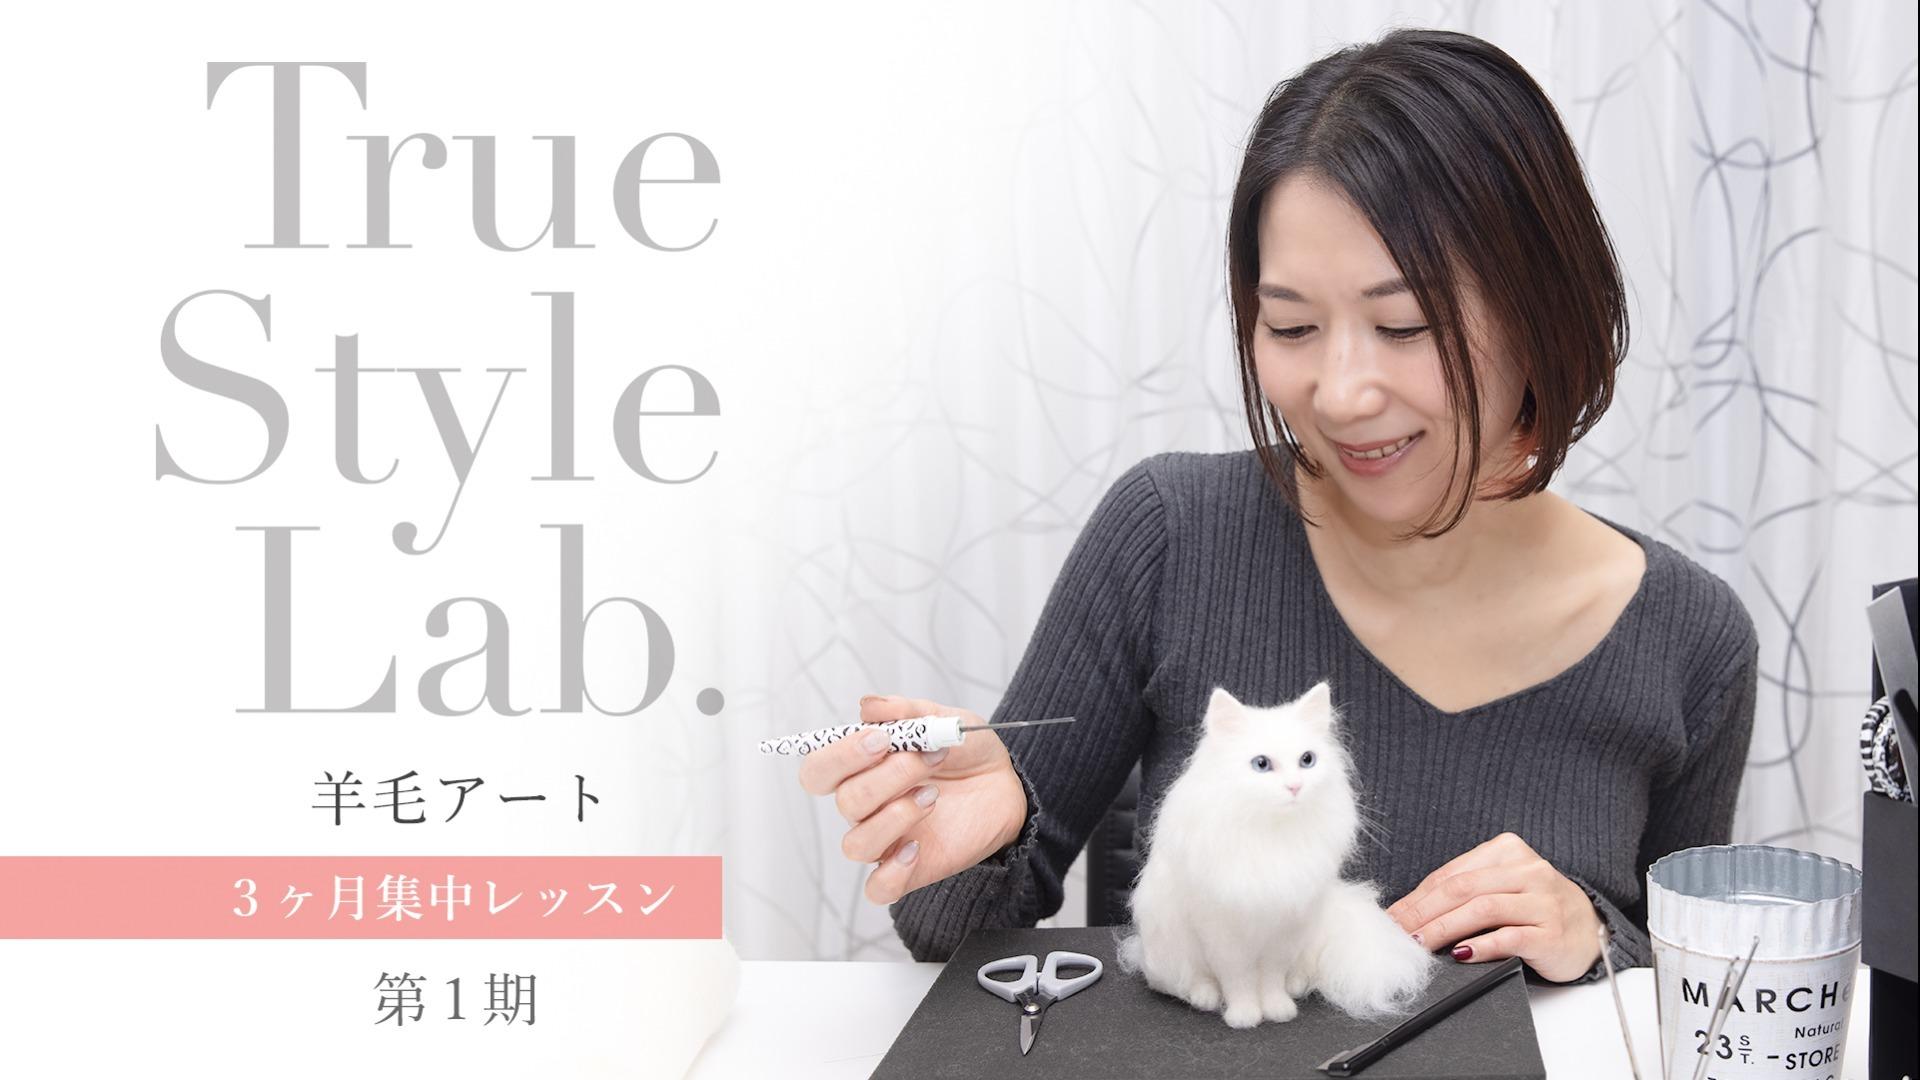 【第一期】TrueStyleLab. 羊毛アート3ヶ月集中レッスン